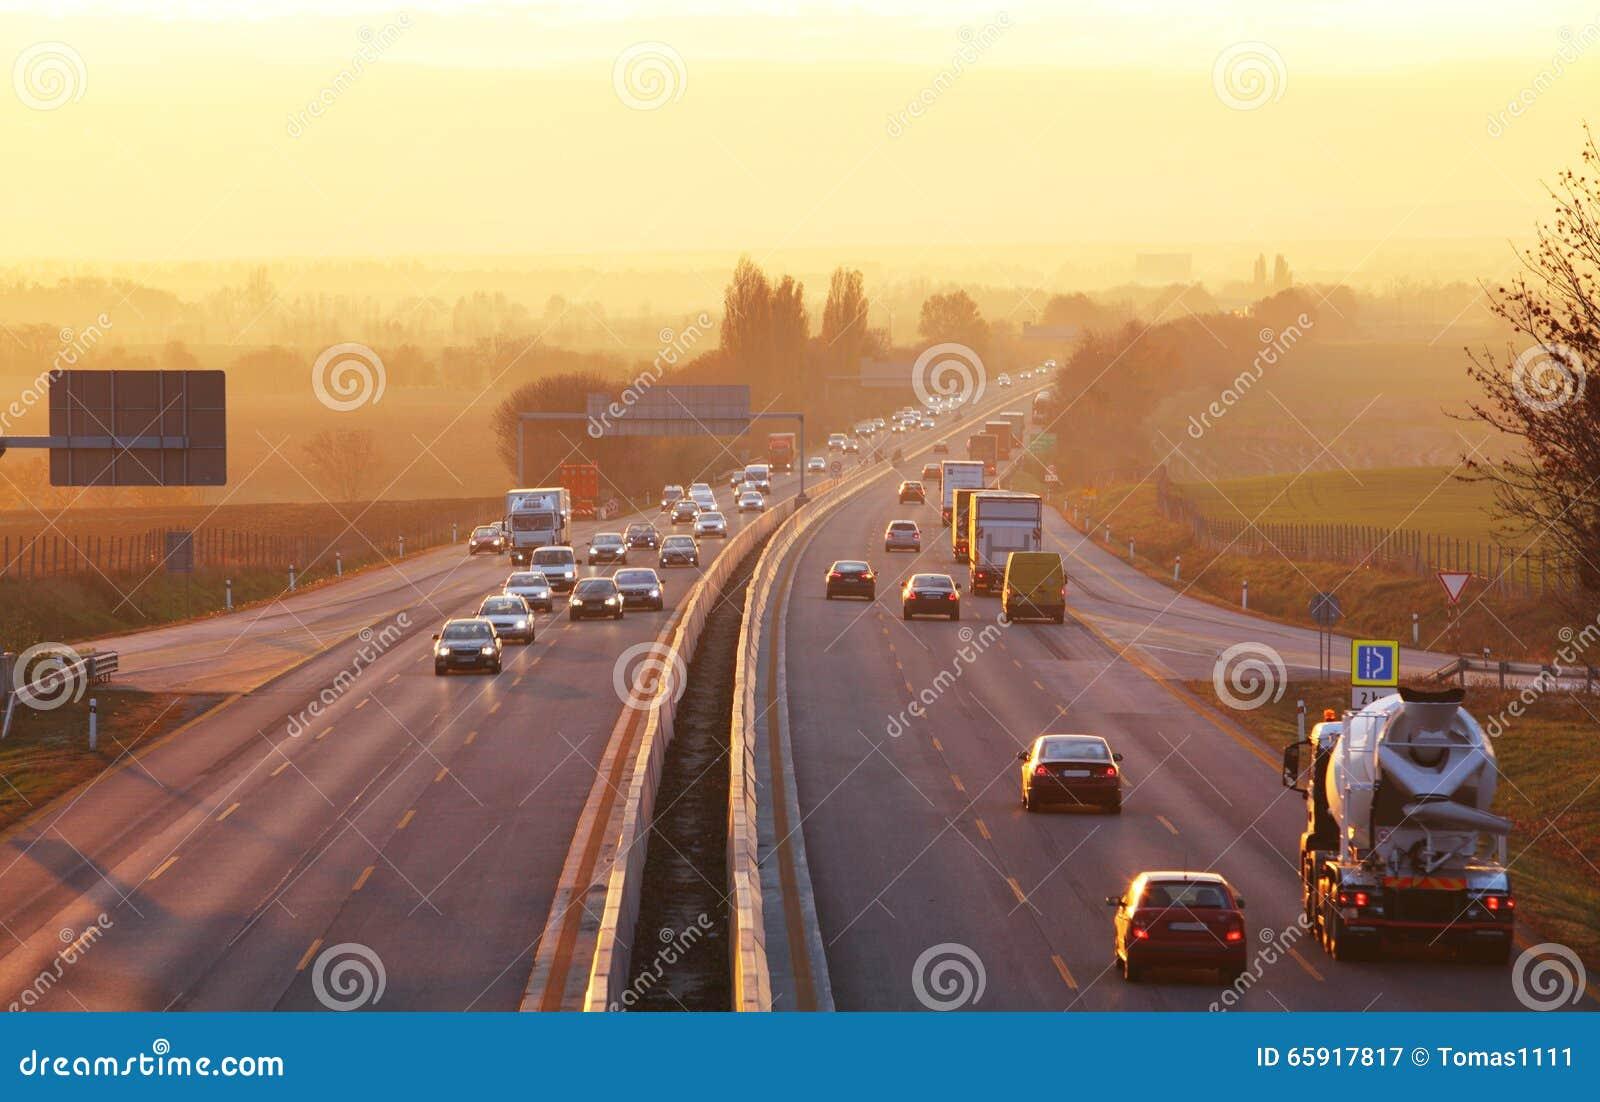 Trafik på huvudvägen med bilar